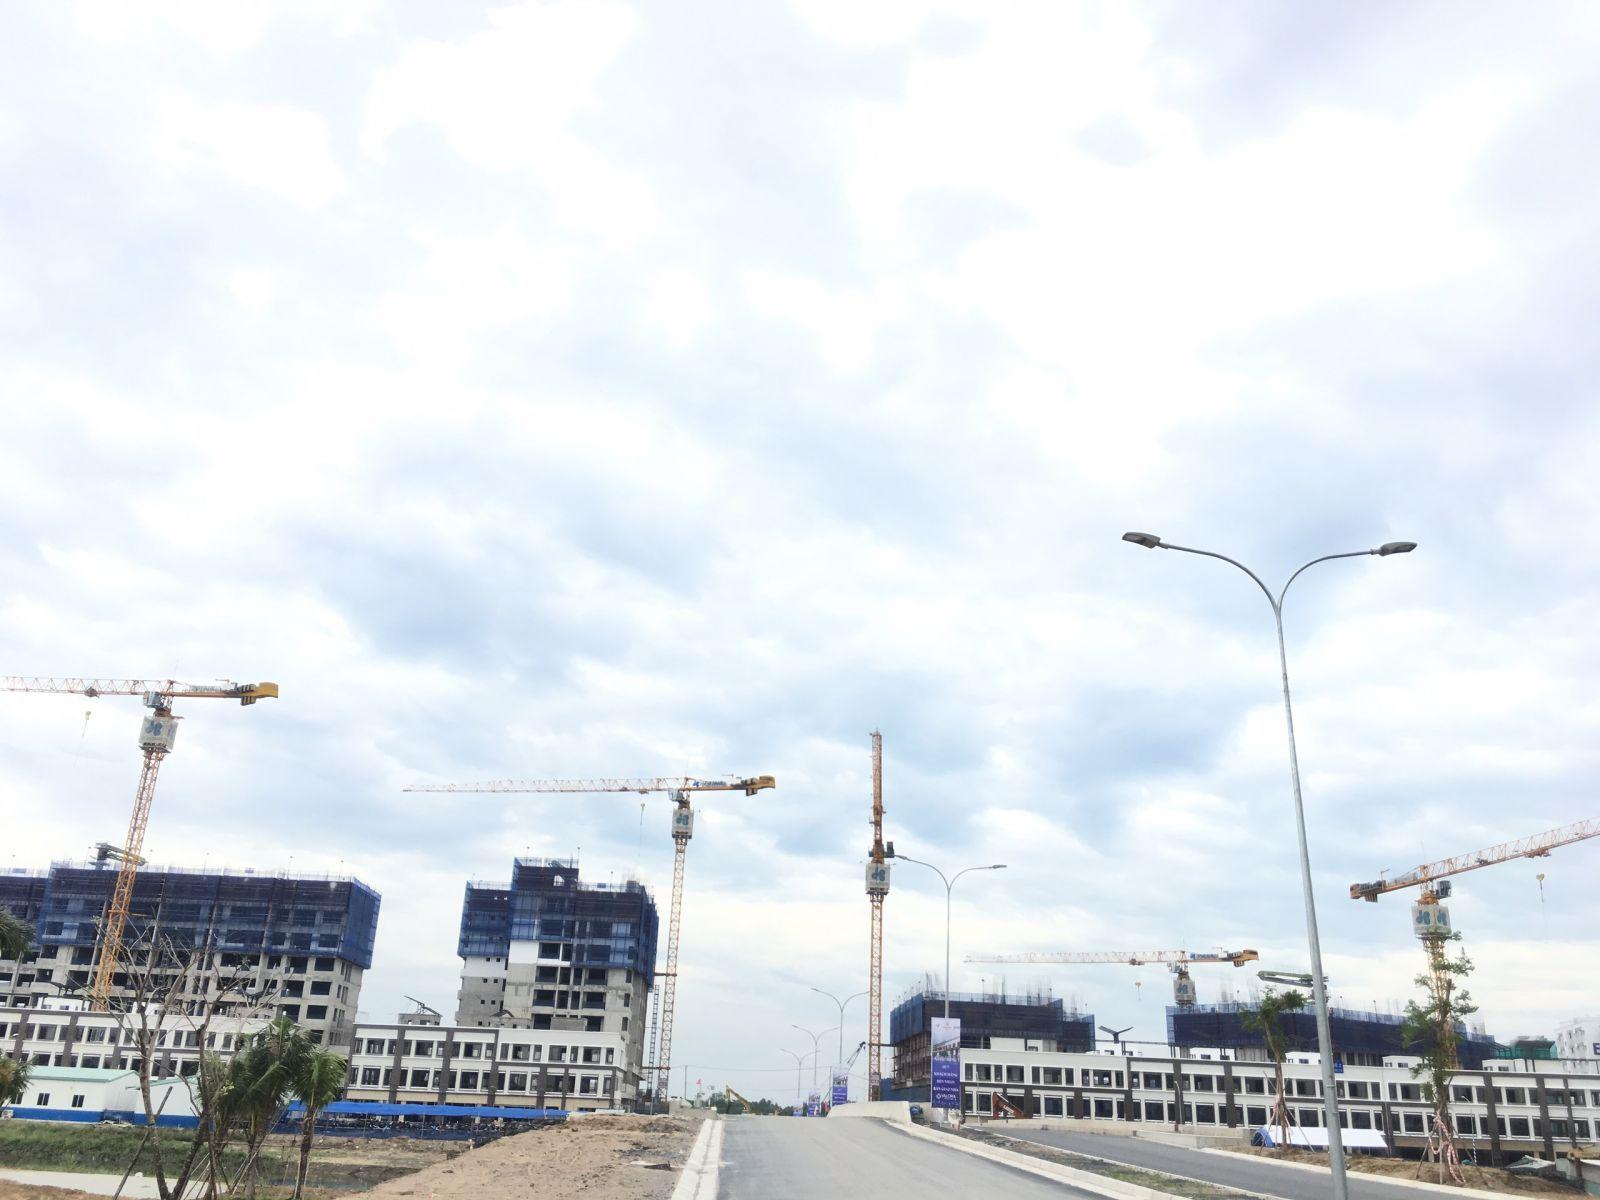 Khu đô thị Mizuki Park đang dần hình thành. Đơn vị xây dựng Hòa Bình đang tích cực thi công xây dựng . CĐT Nam Long dự kiến quý 1/2020 bàn giao nhà cho khách hàng.